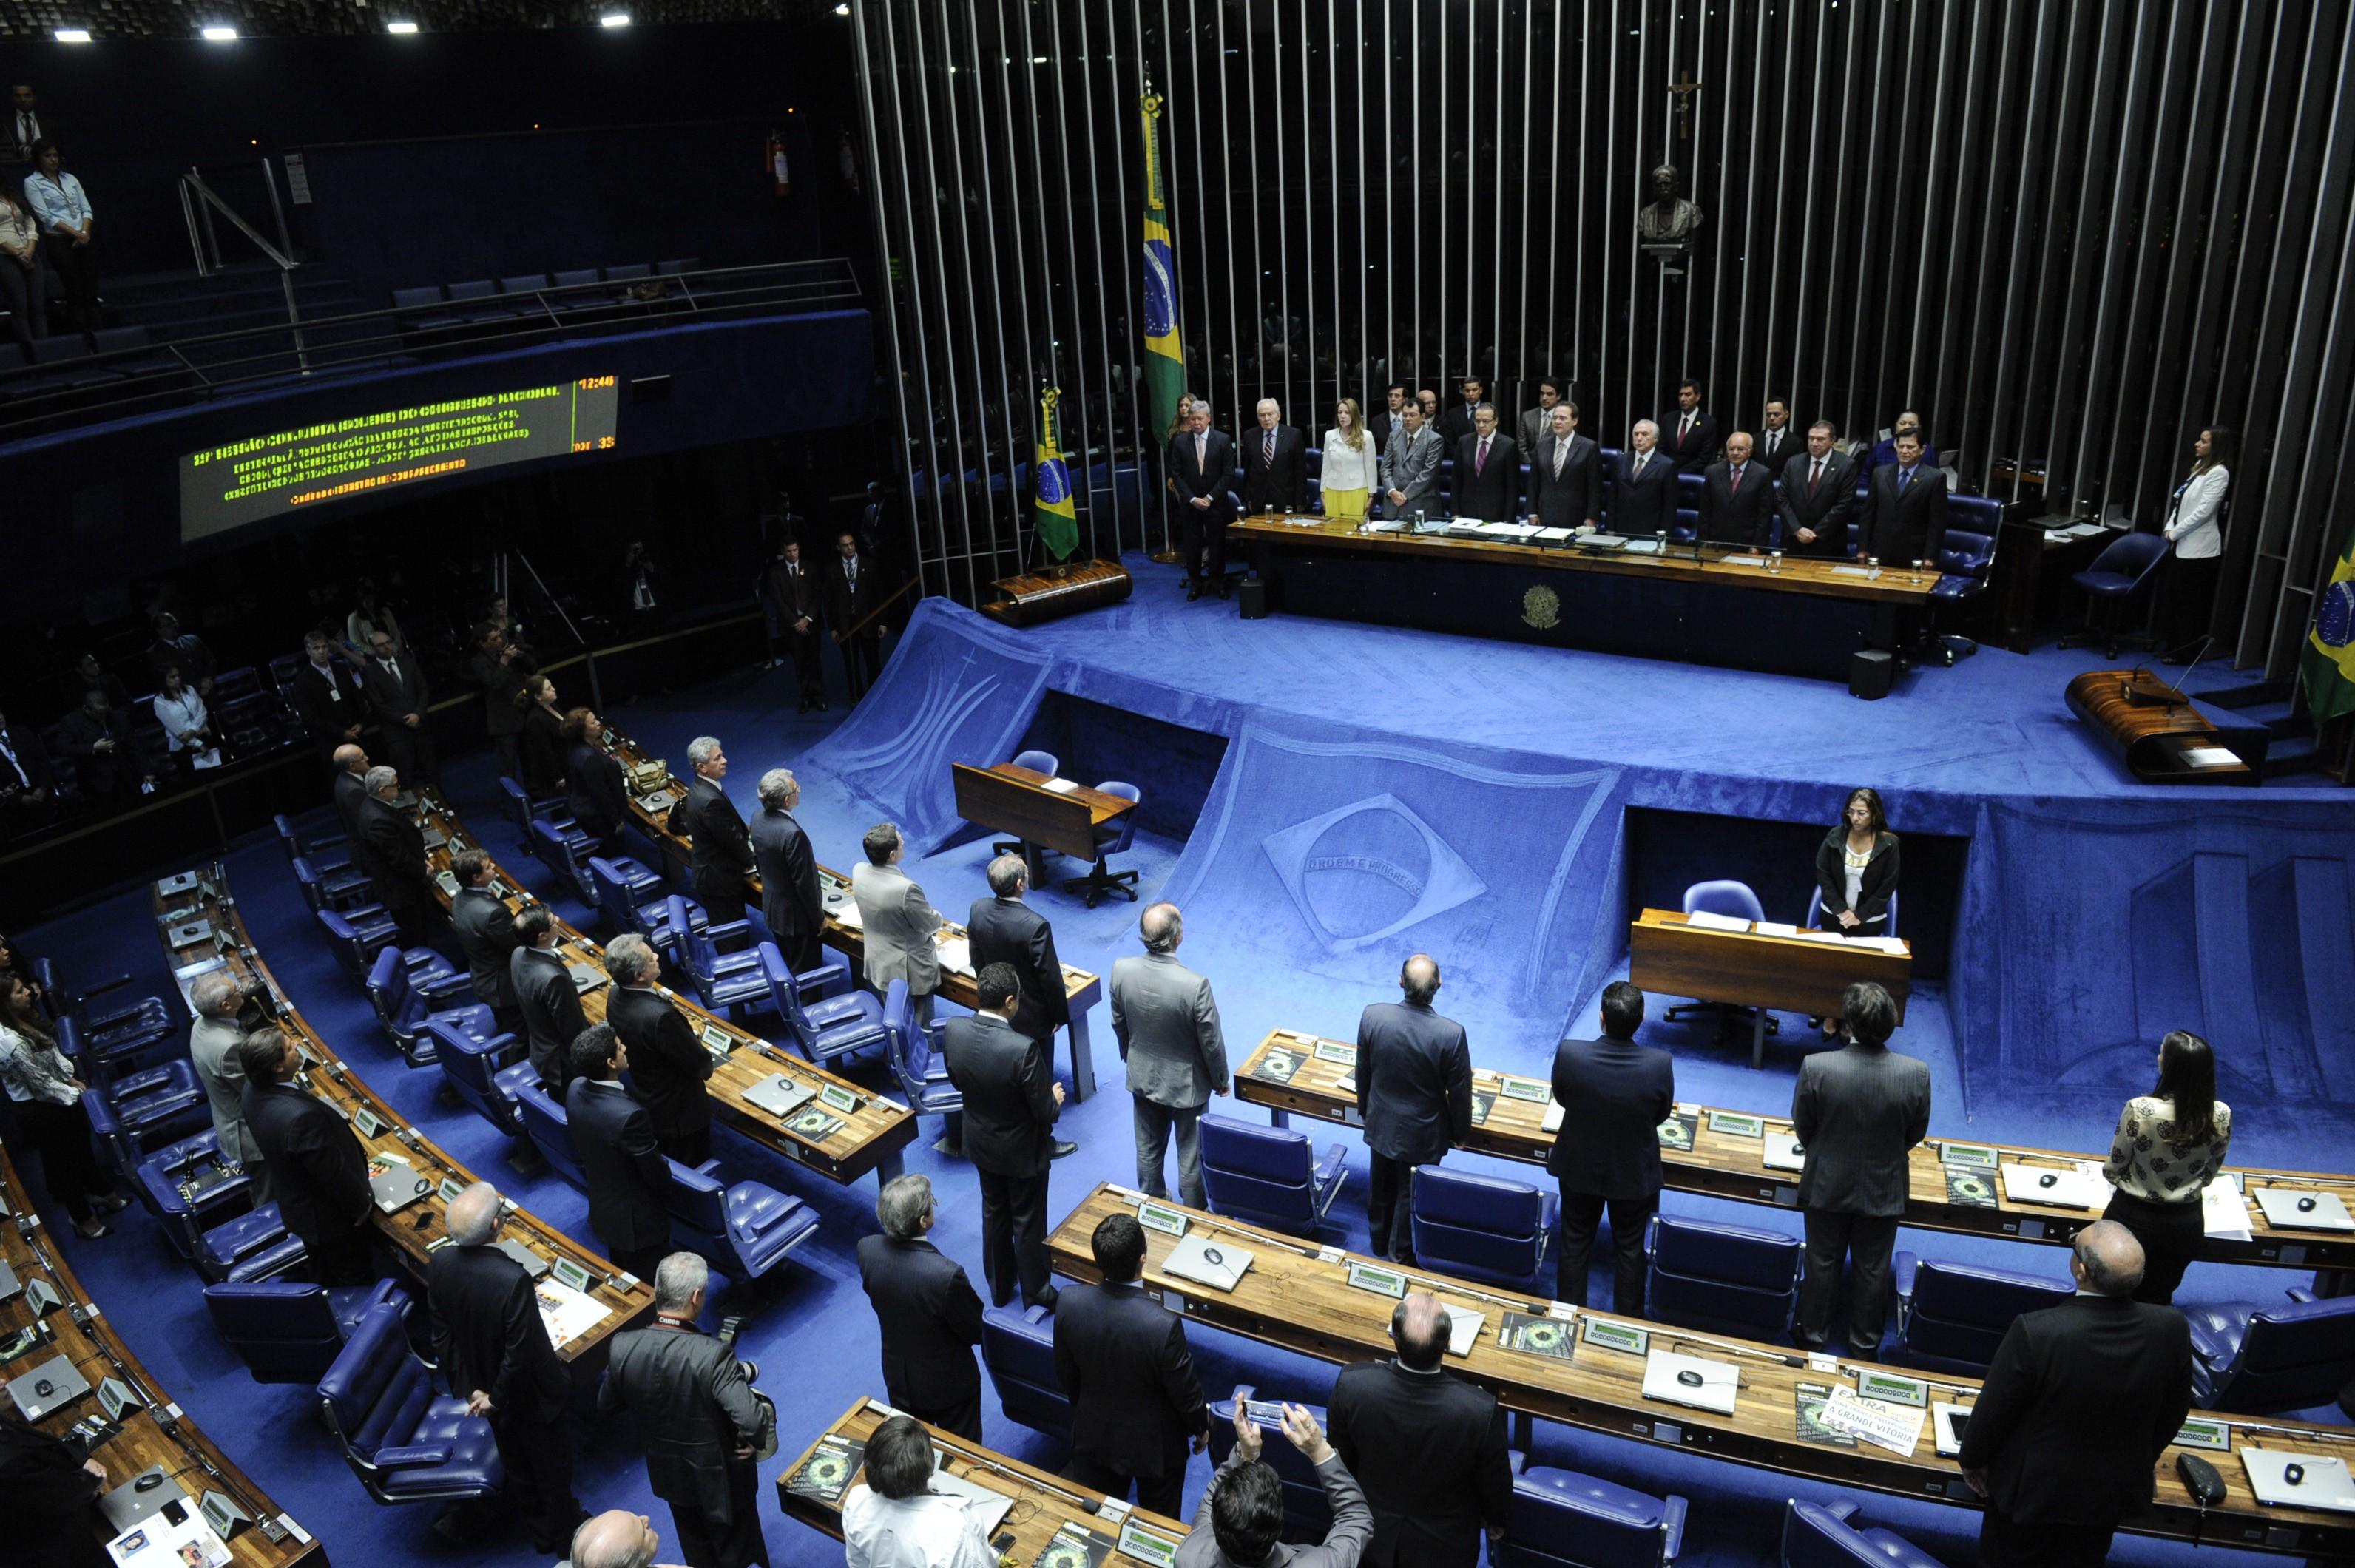 Plenário do Congresso, em 2014 (Foto: Senado Federal)